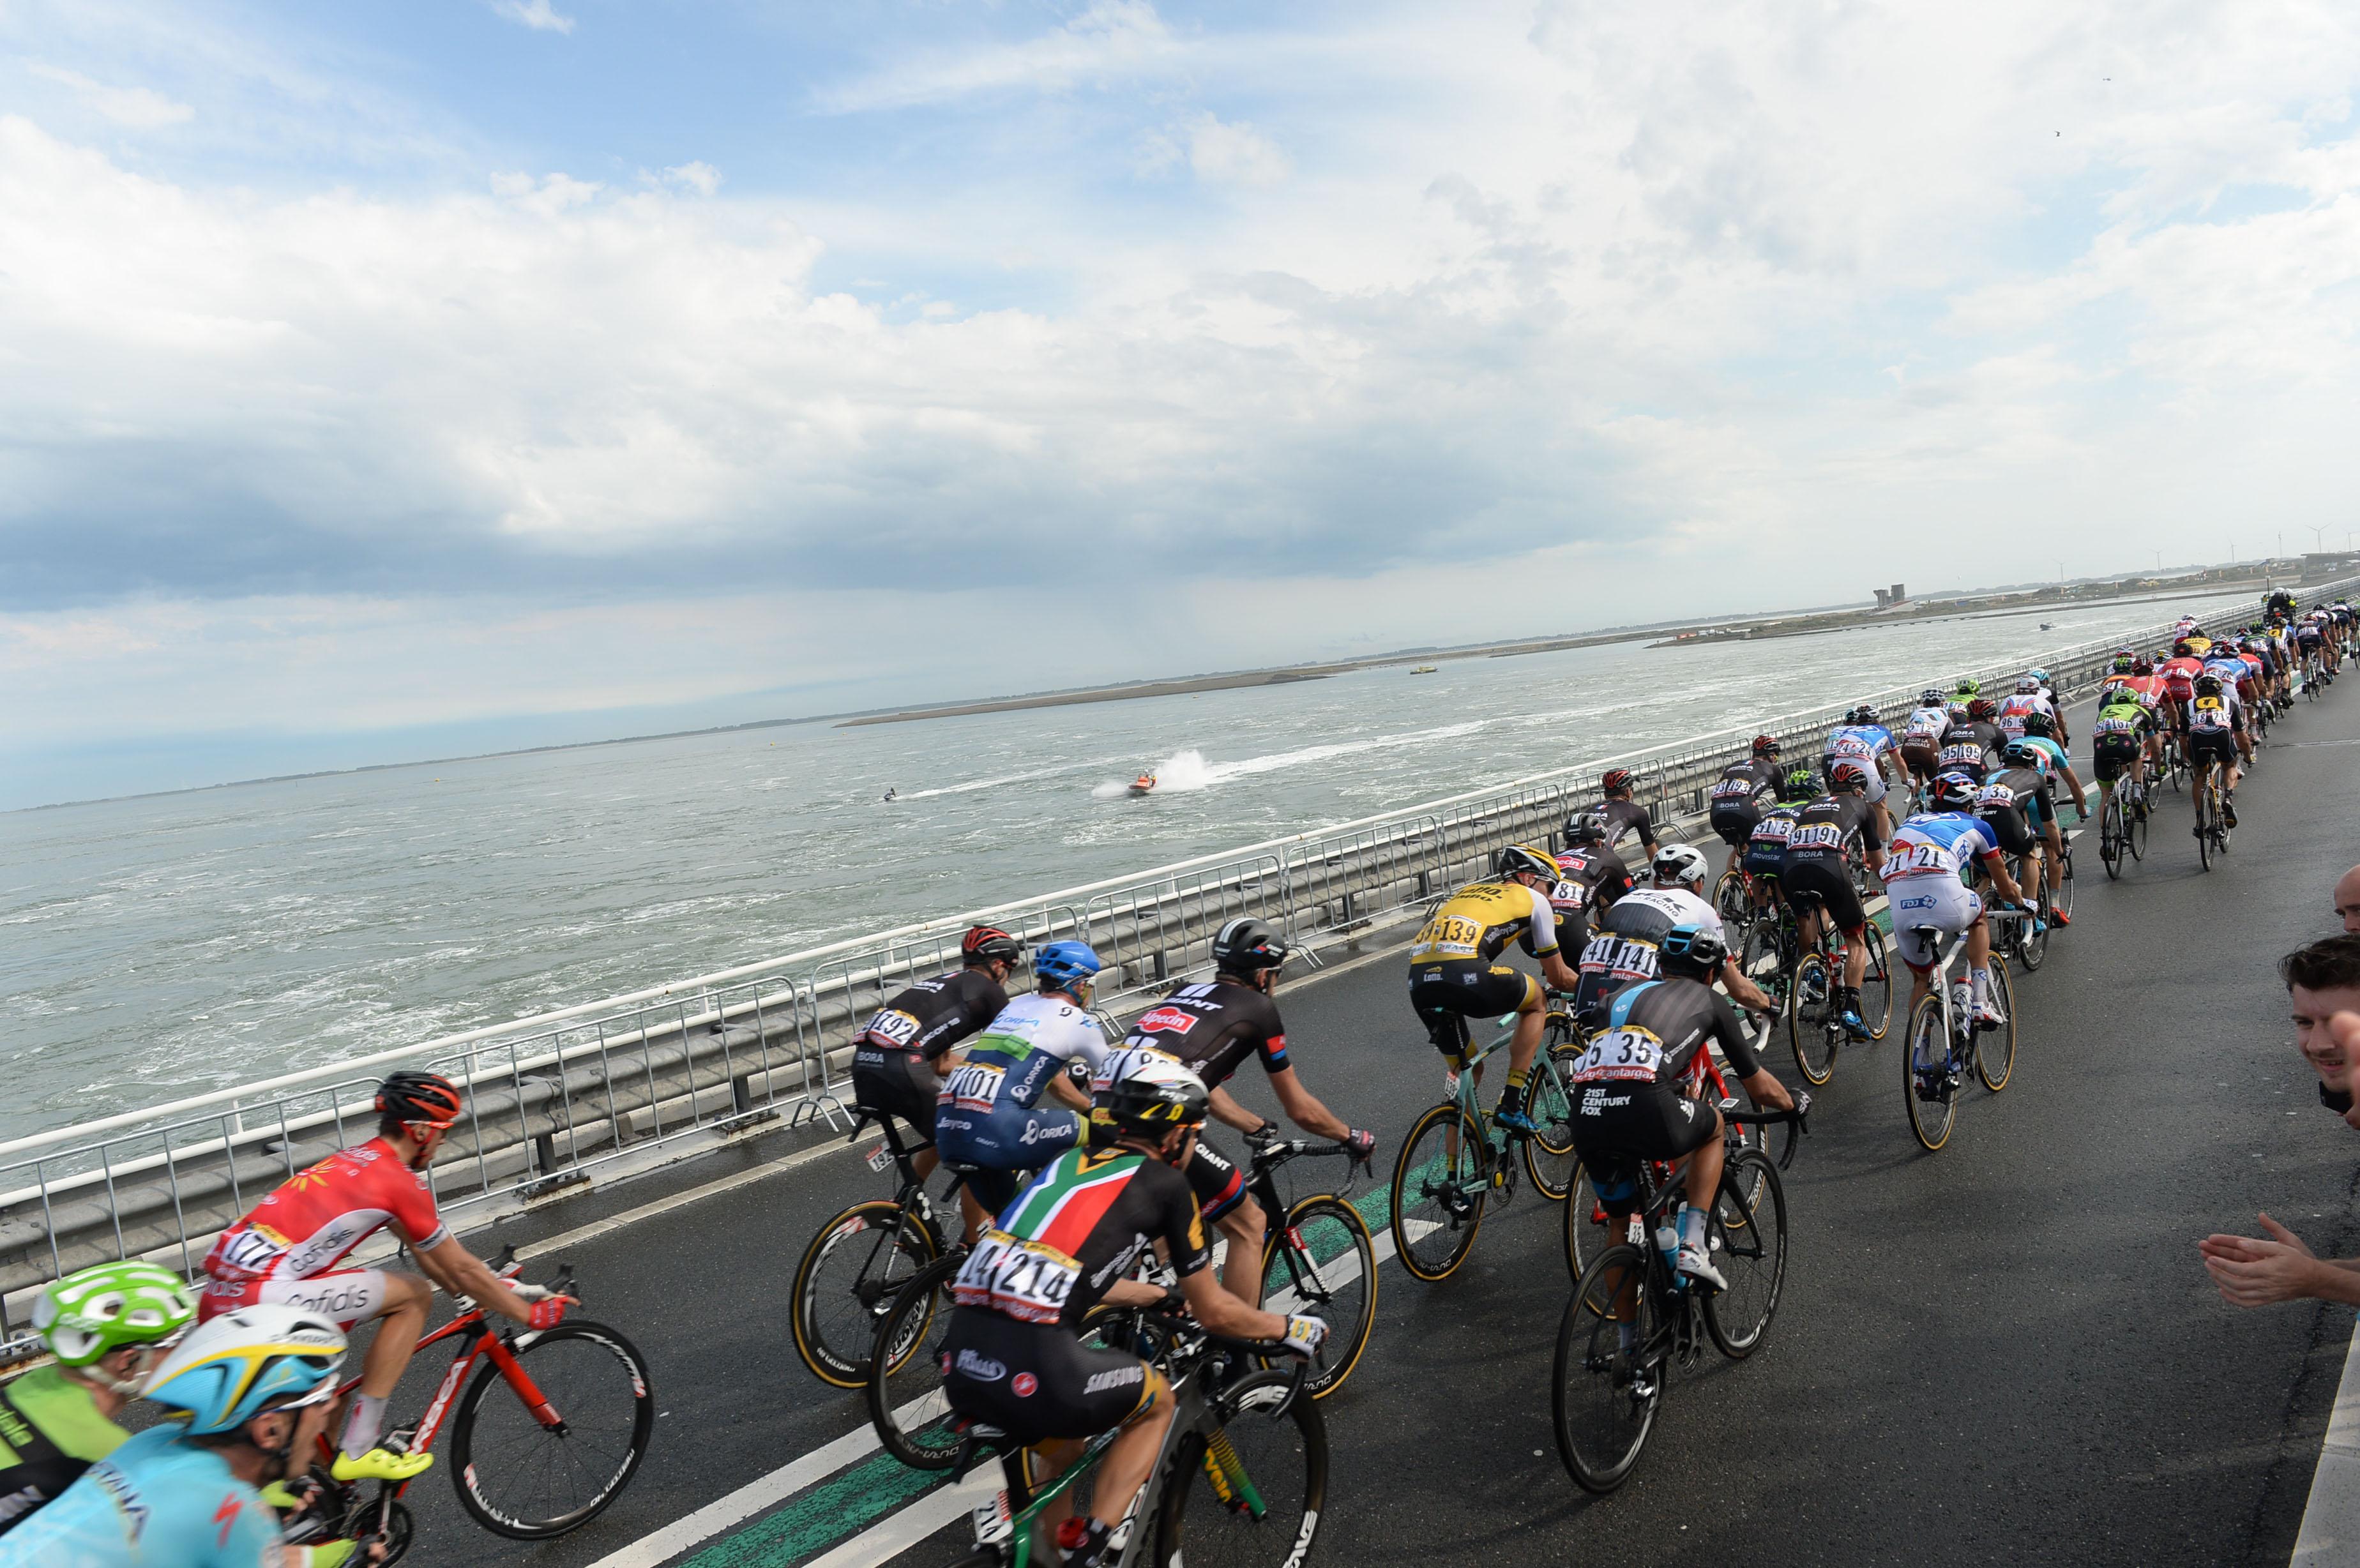 Tour de France 2015 - 2. Etappe - Impressionen